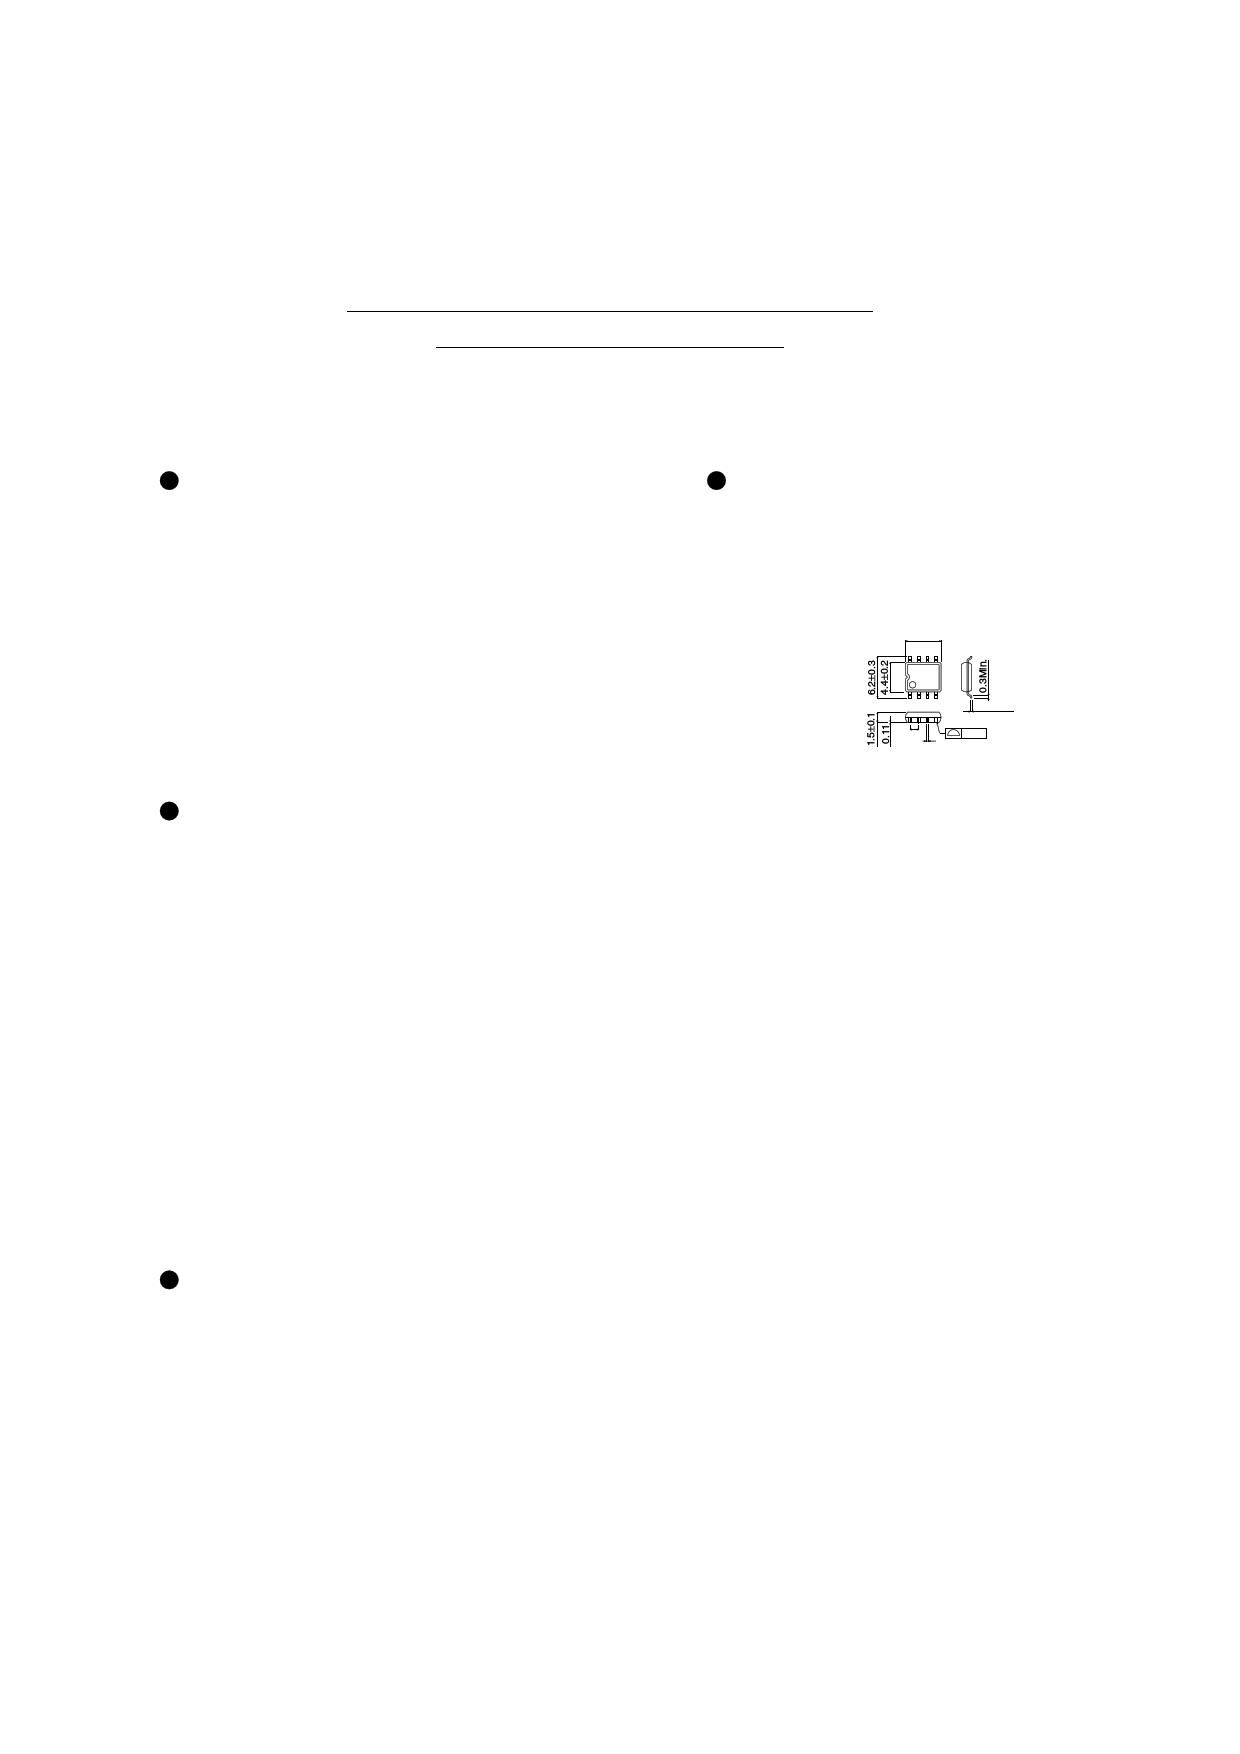 BA00BC0WF datasheet